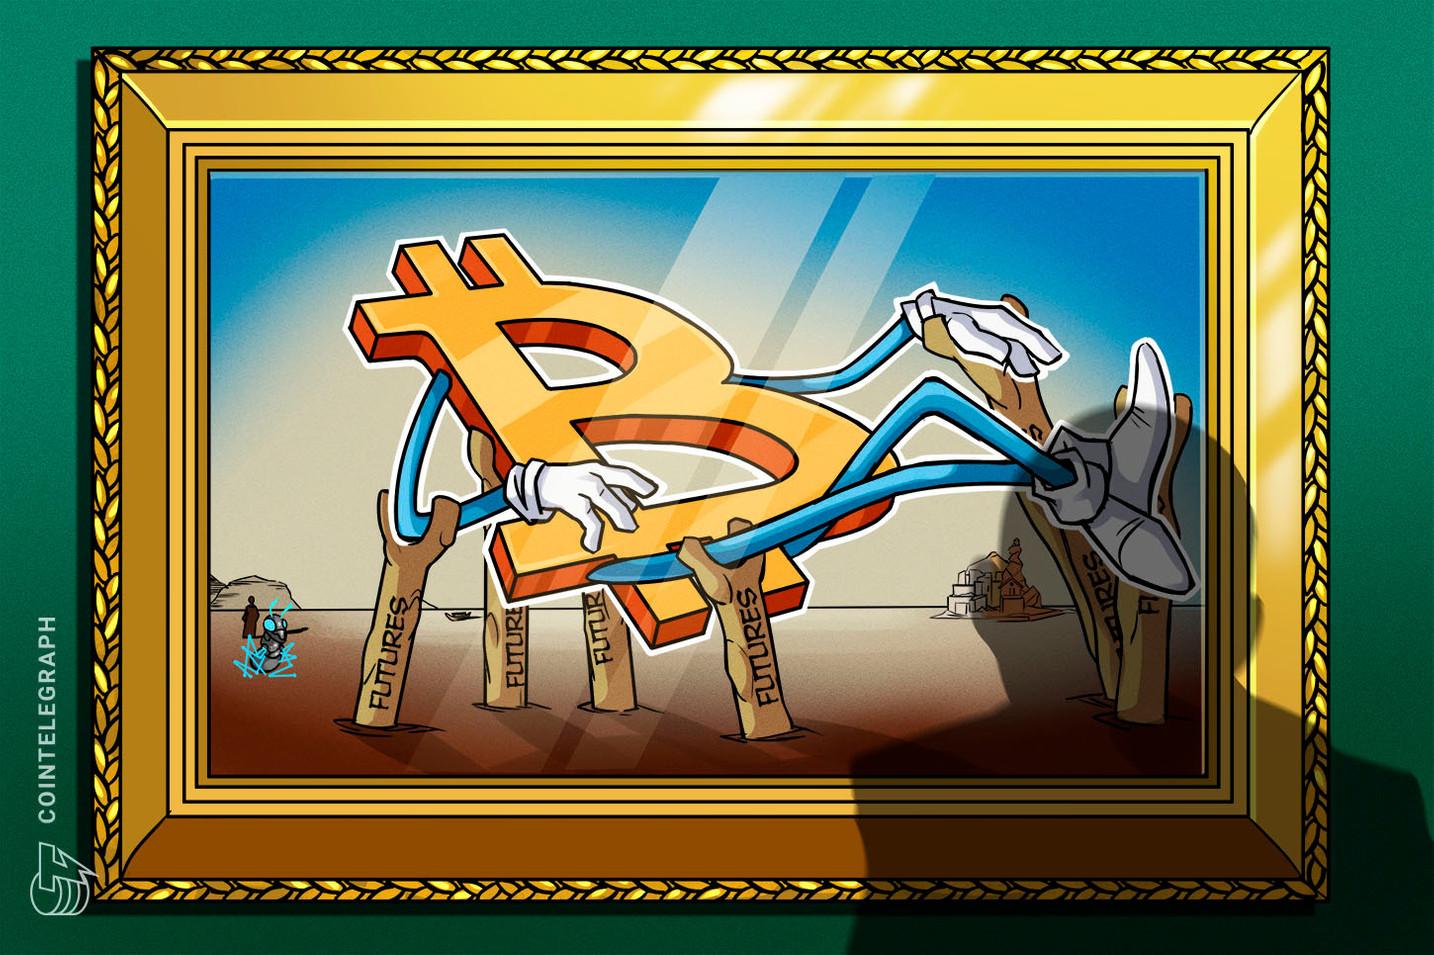 5 interessanti Easter egg a tema Bitcoin